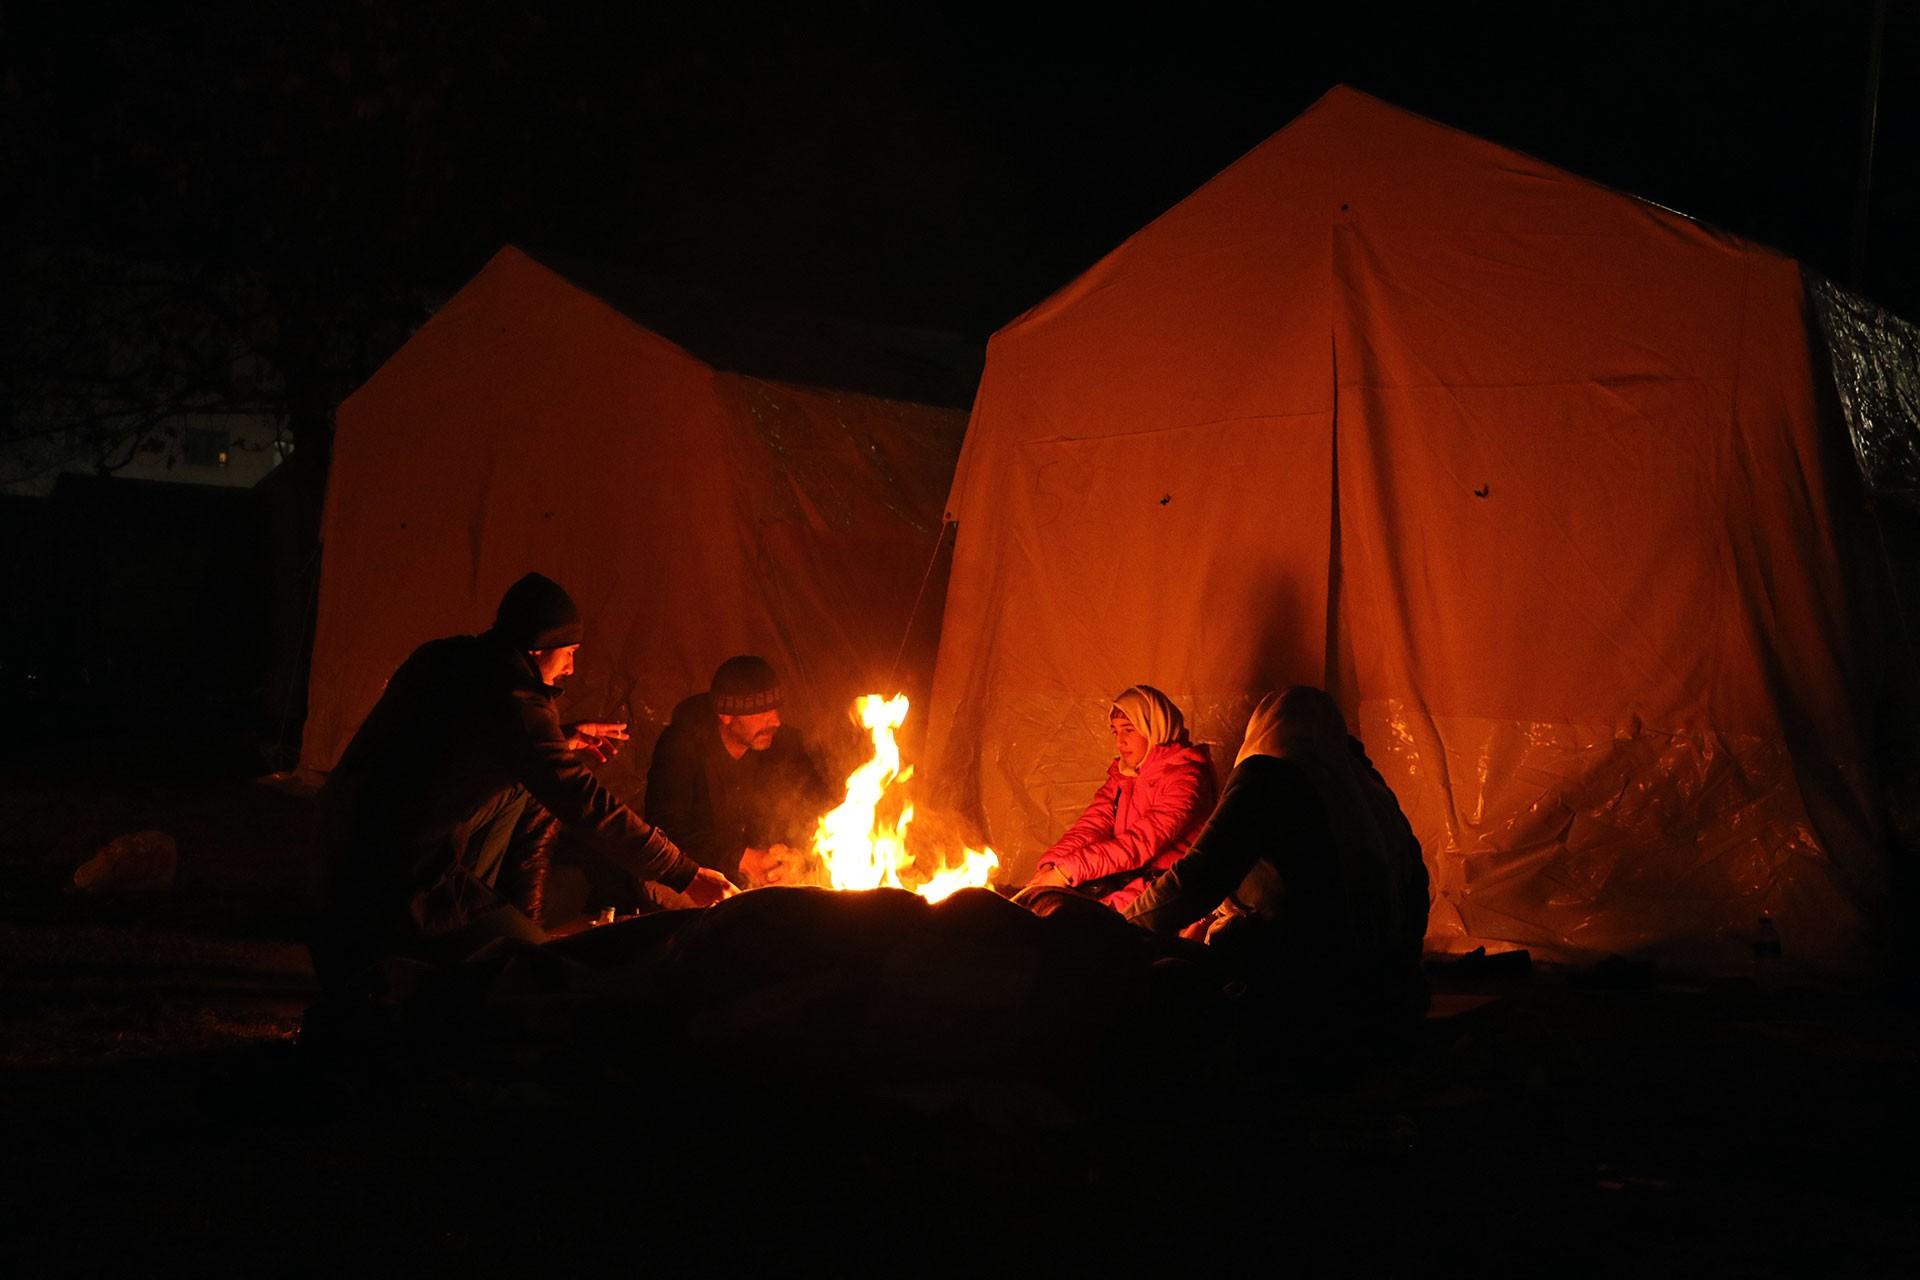 Elazığ'da çadır önünde yaktıkları ateş etrafında ısınmaya çalışan depremzedeler